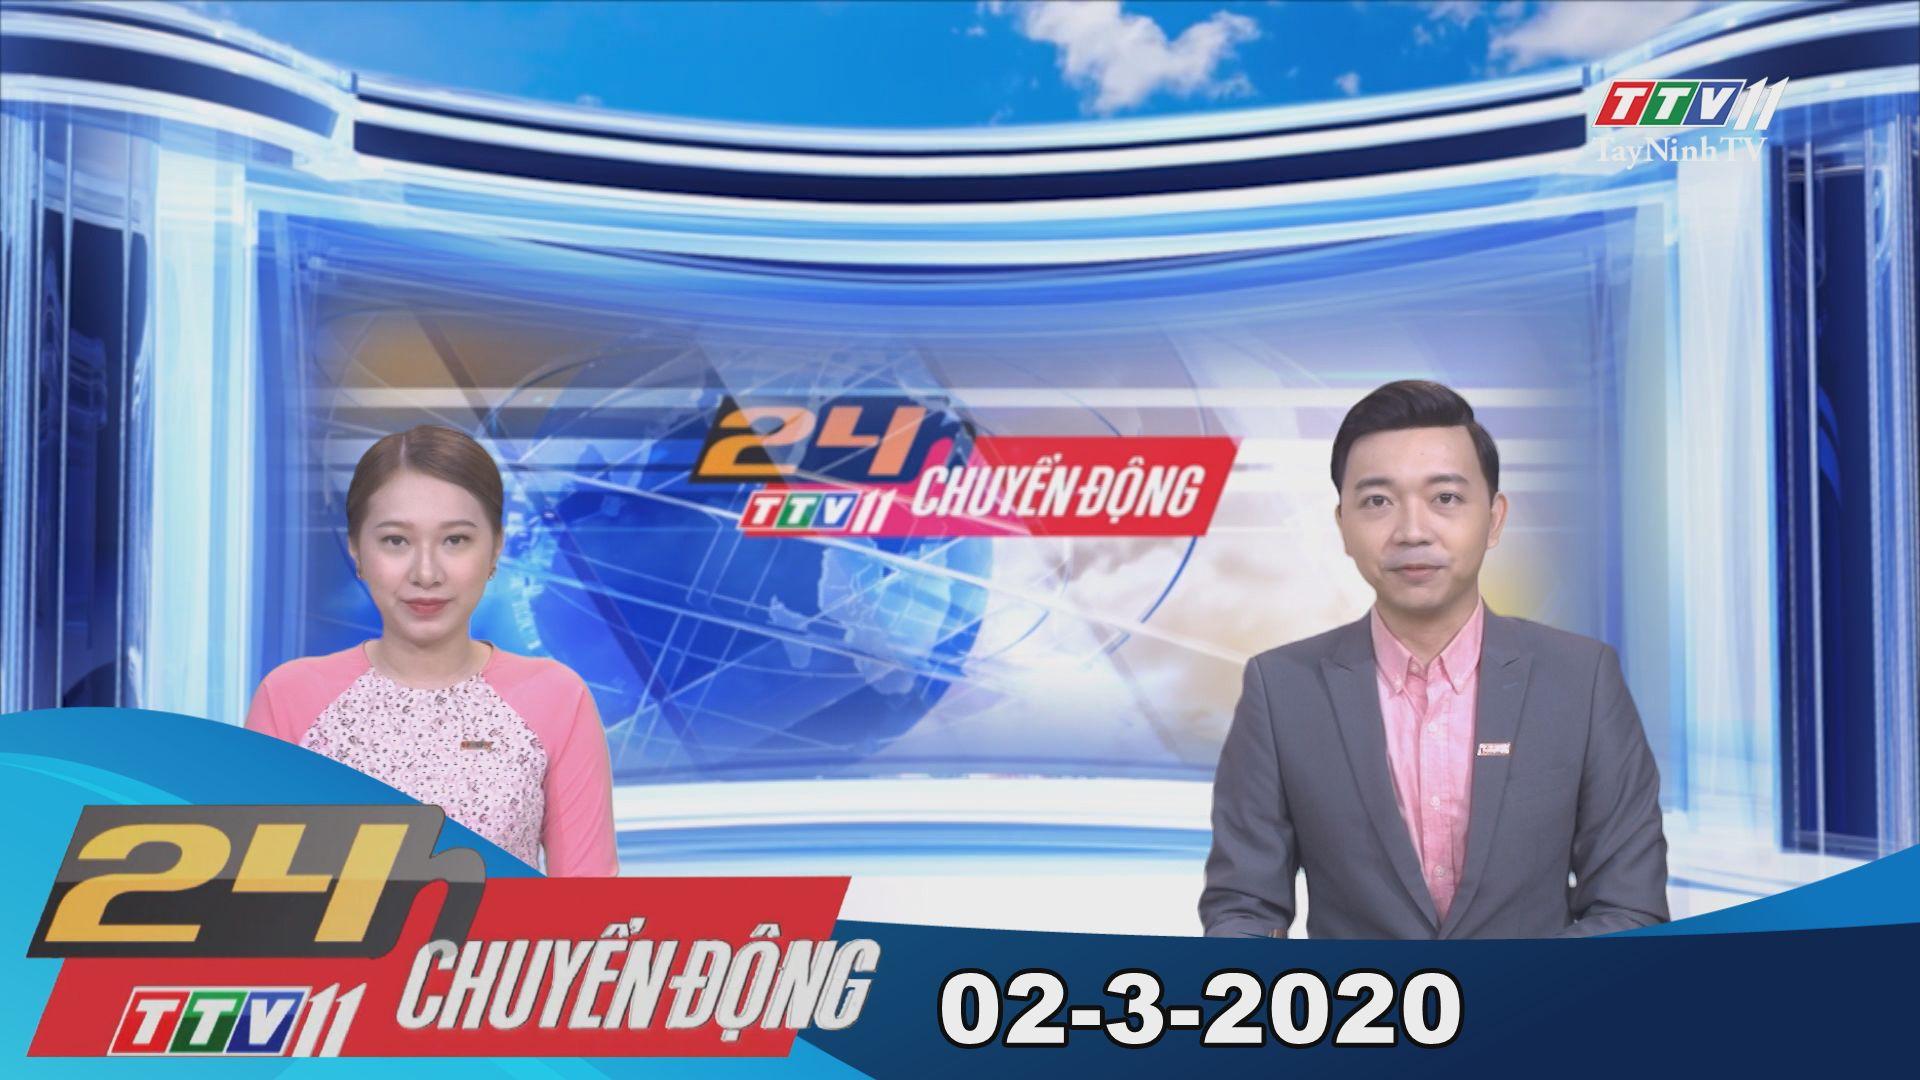 24h Chuyển động 02-3-2020 | Tin tức hôm nay | TayNinhTV